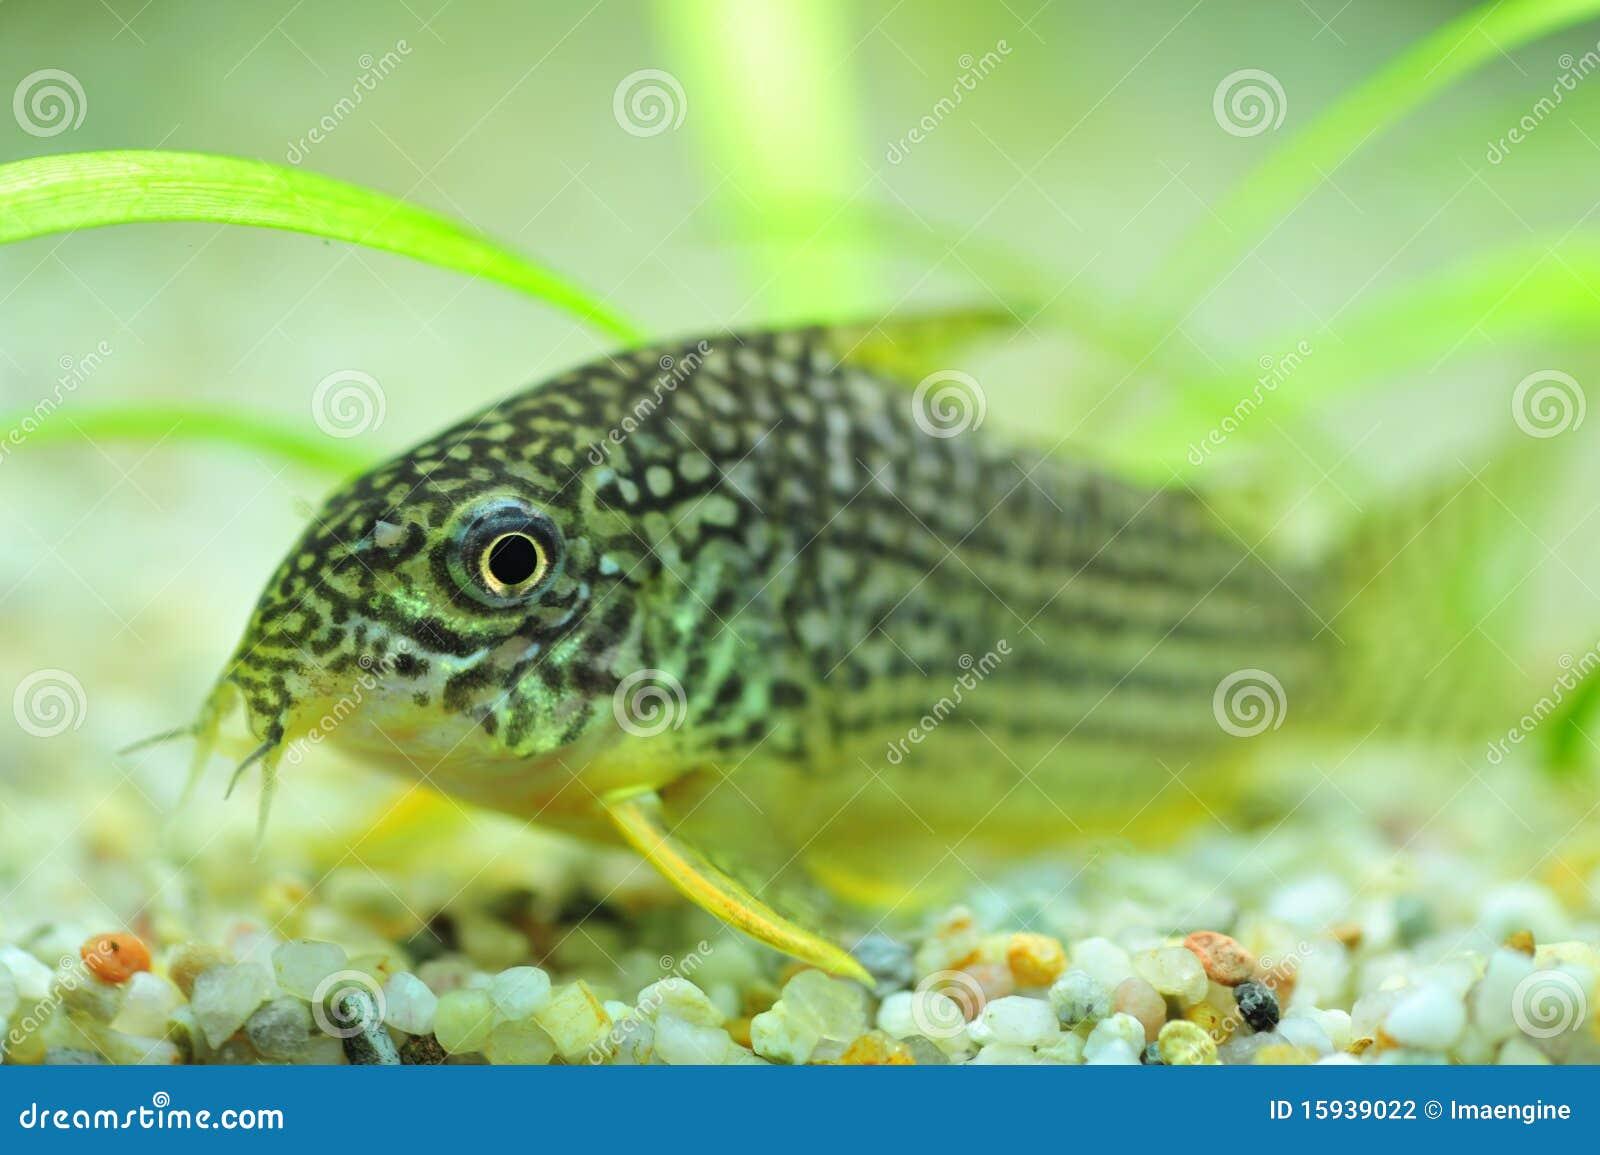 Tropical Catfish For Aquariums